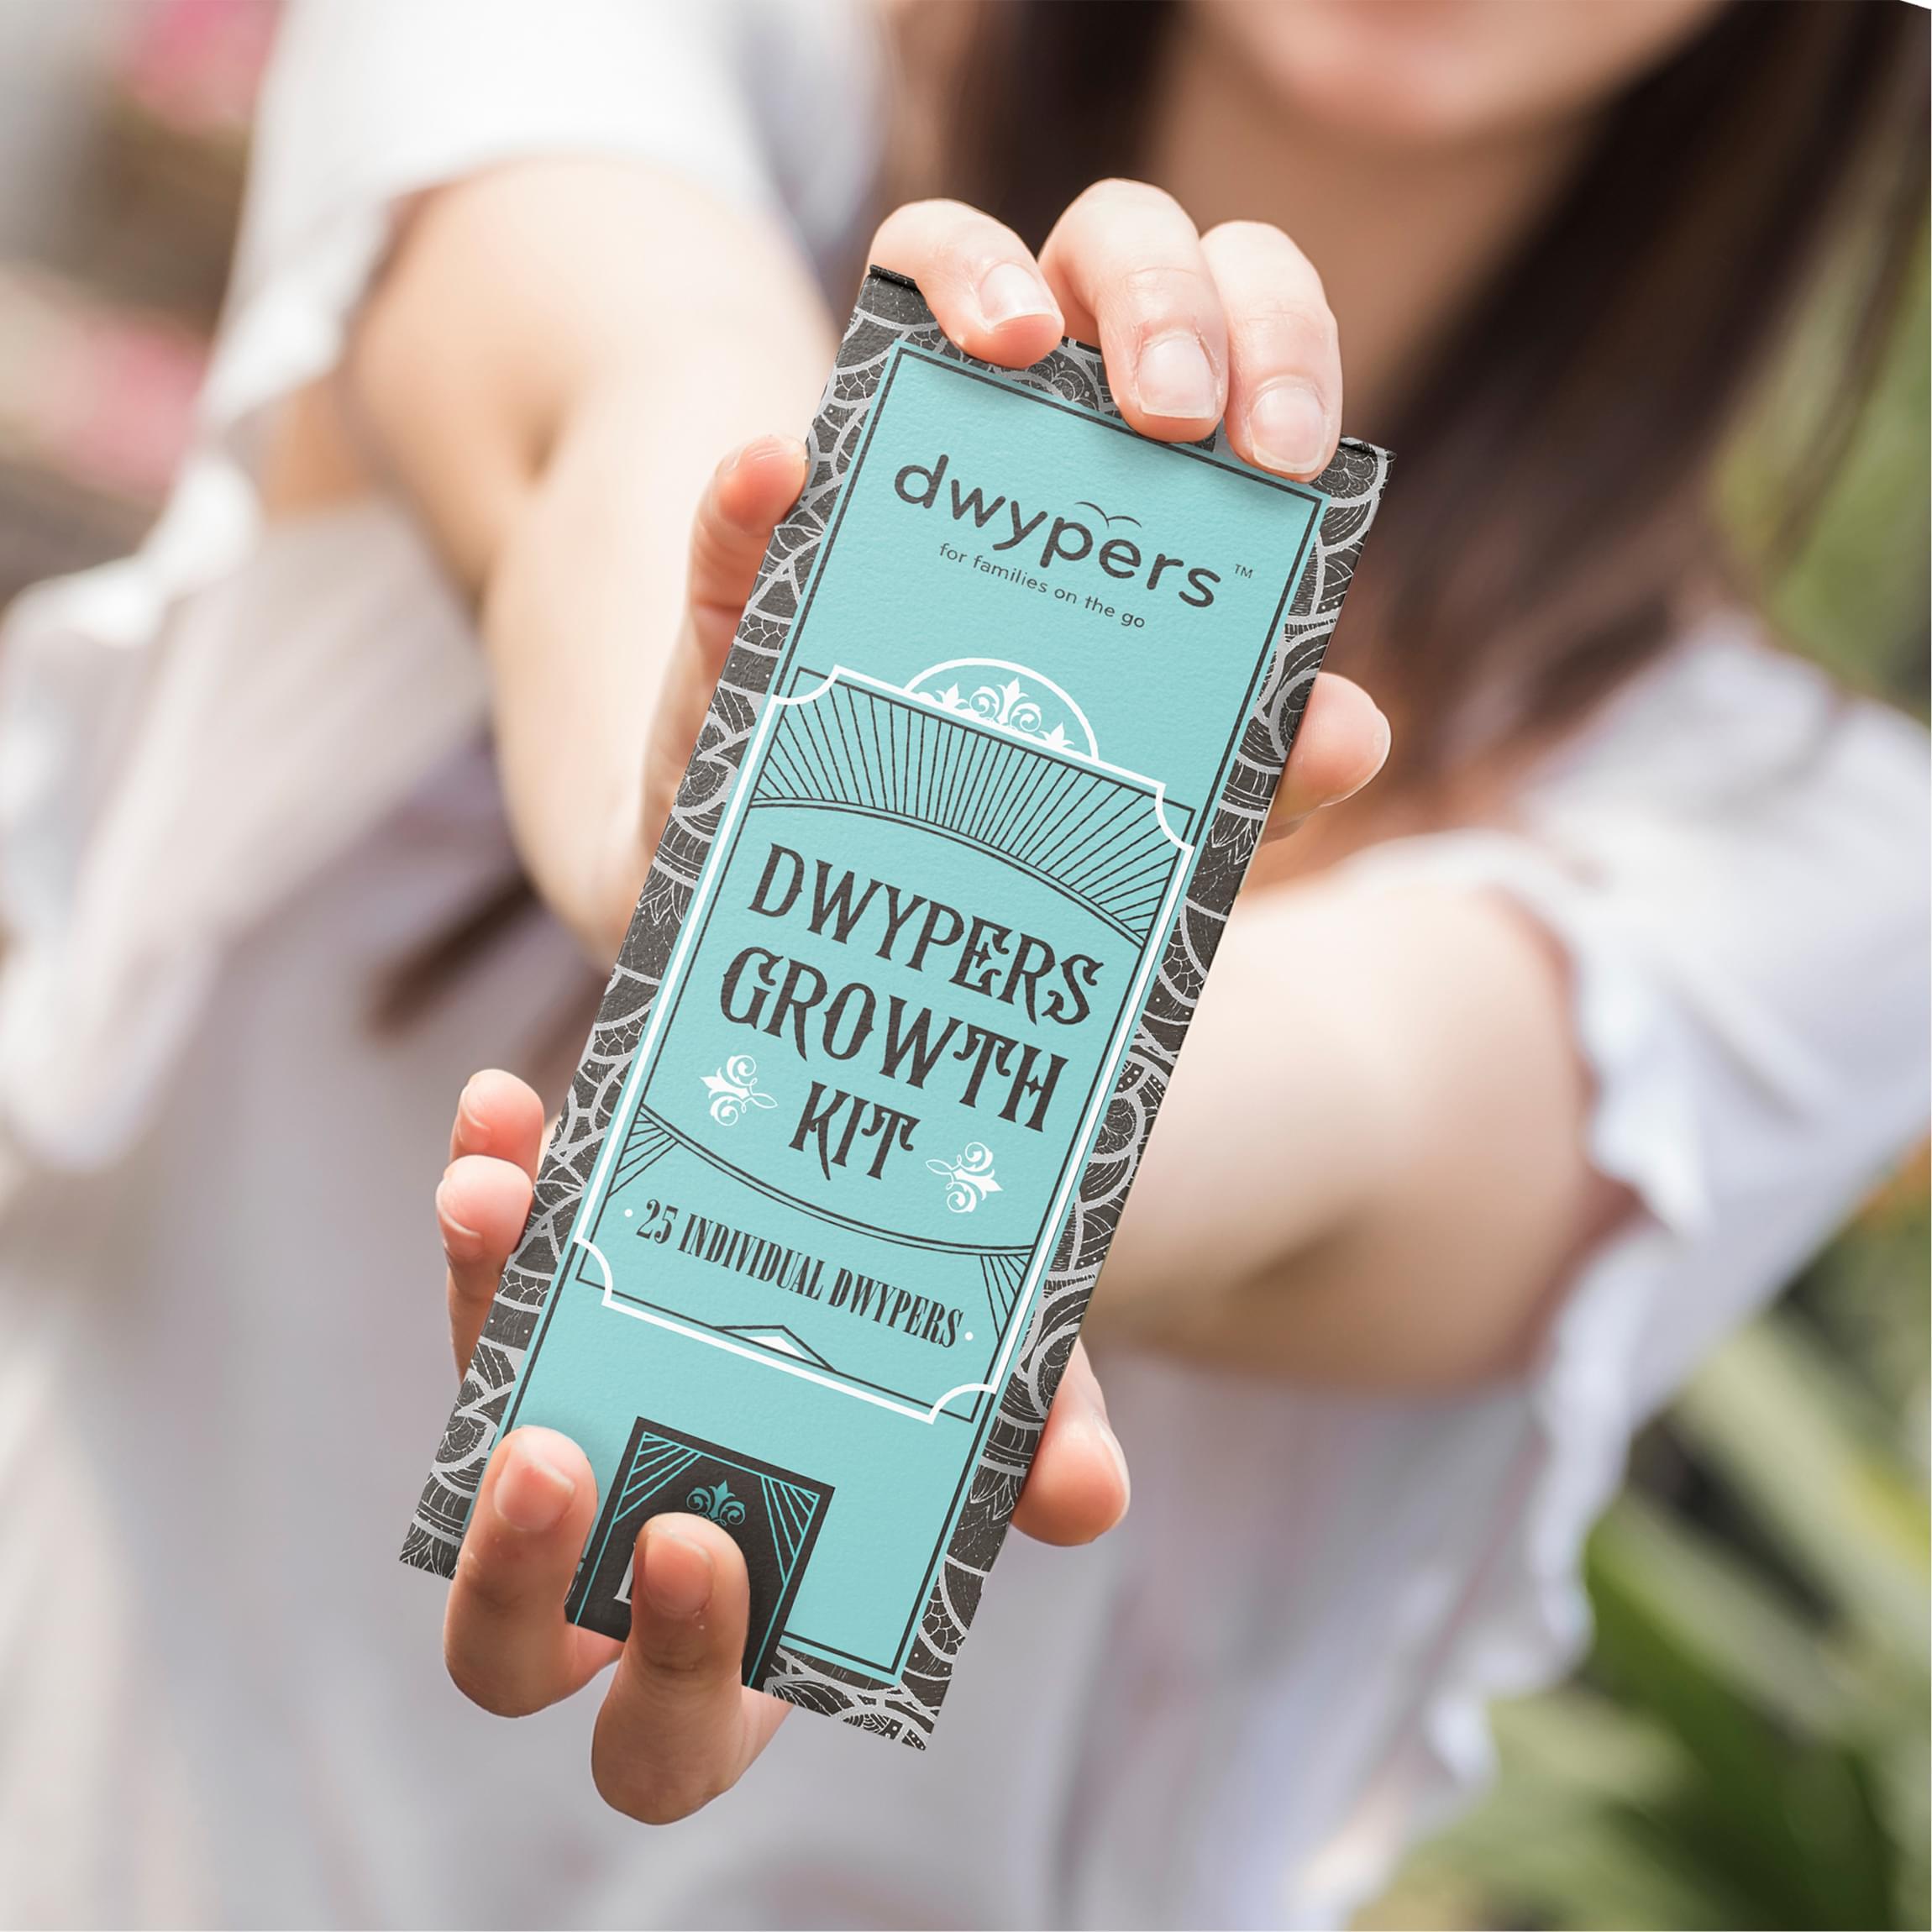 DWYPERS Packaging